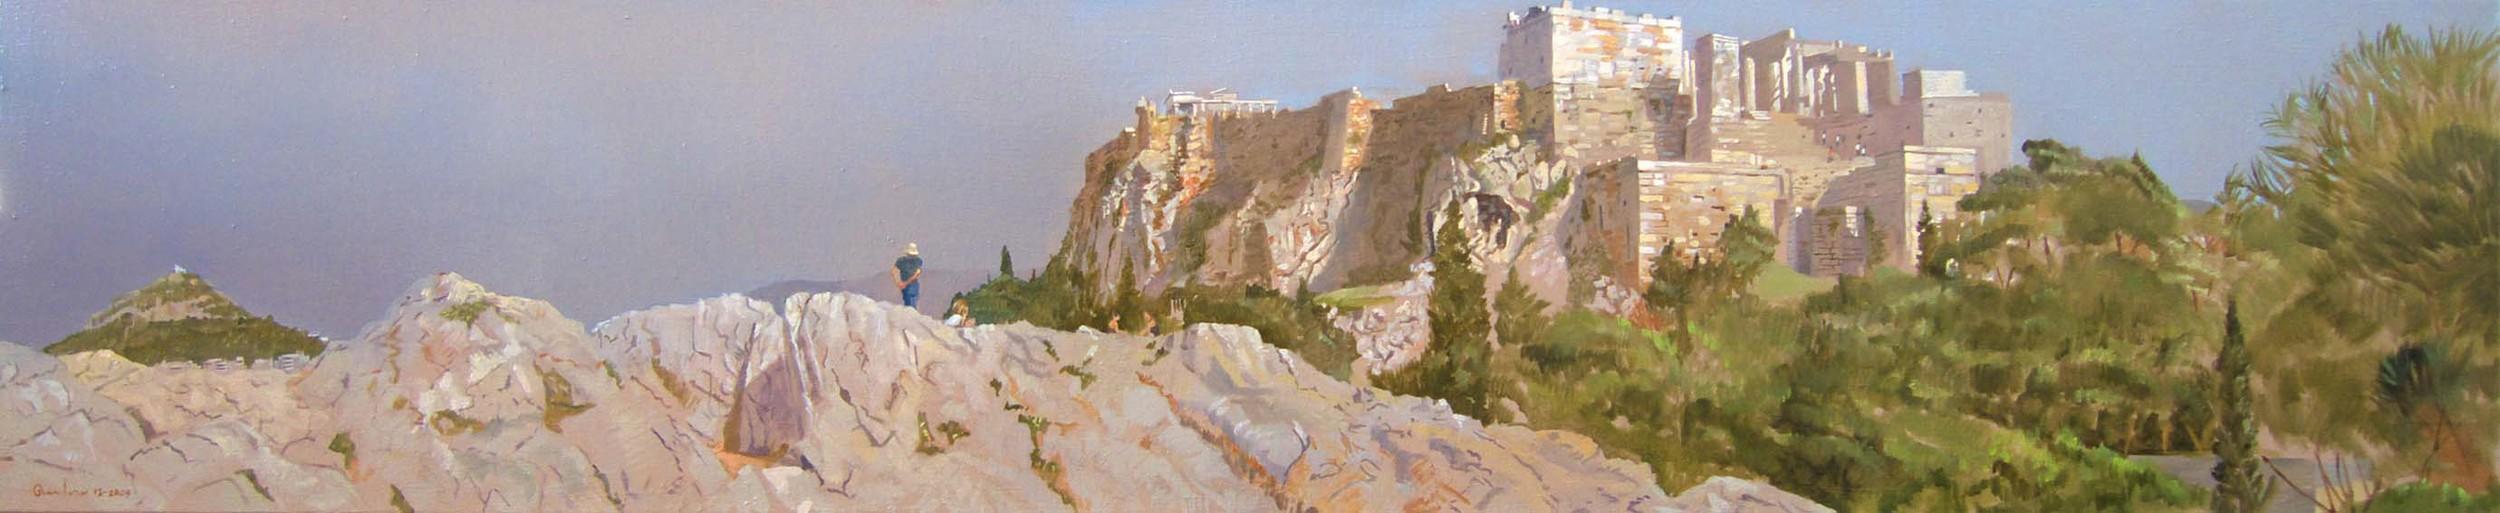 iWeb-Acropolis#2 final to print868.jpg